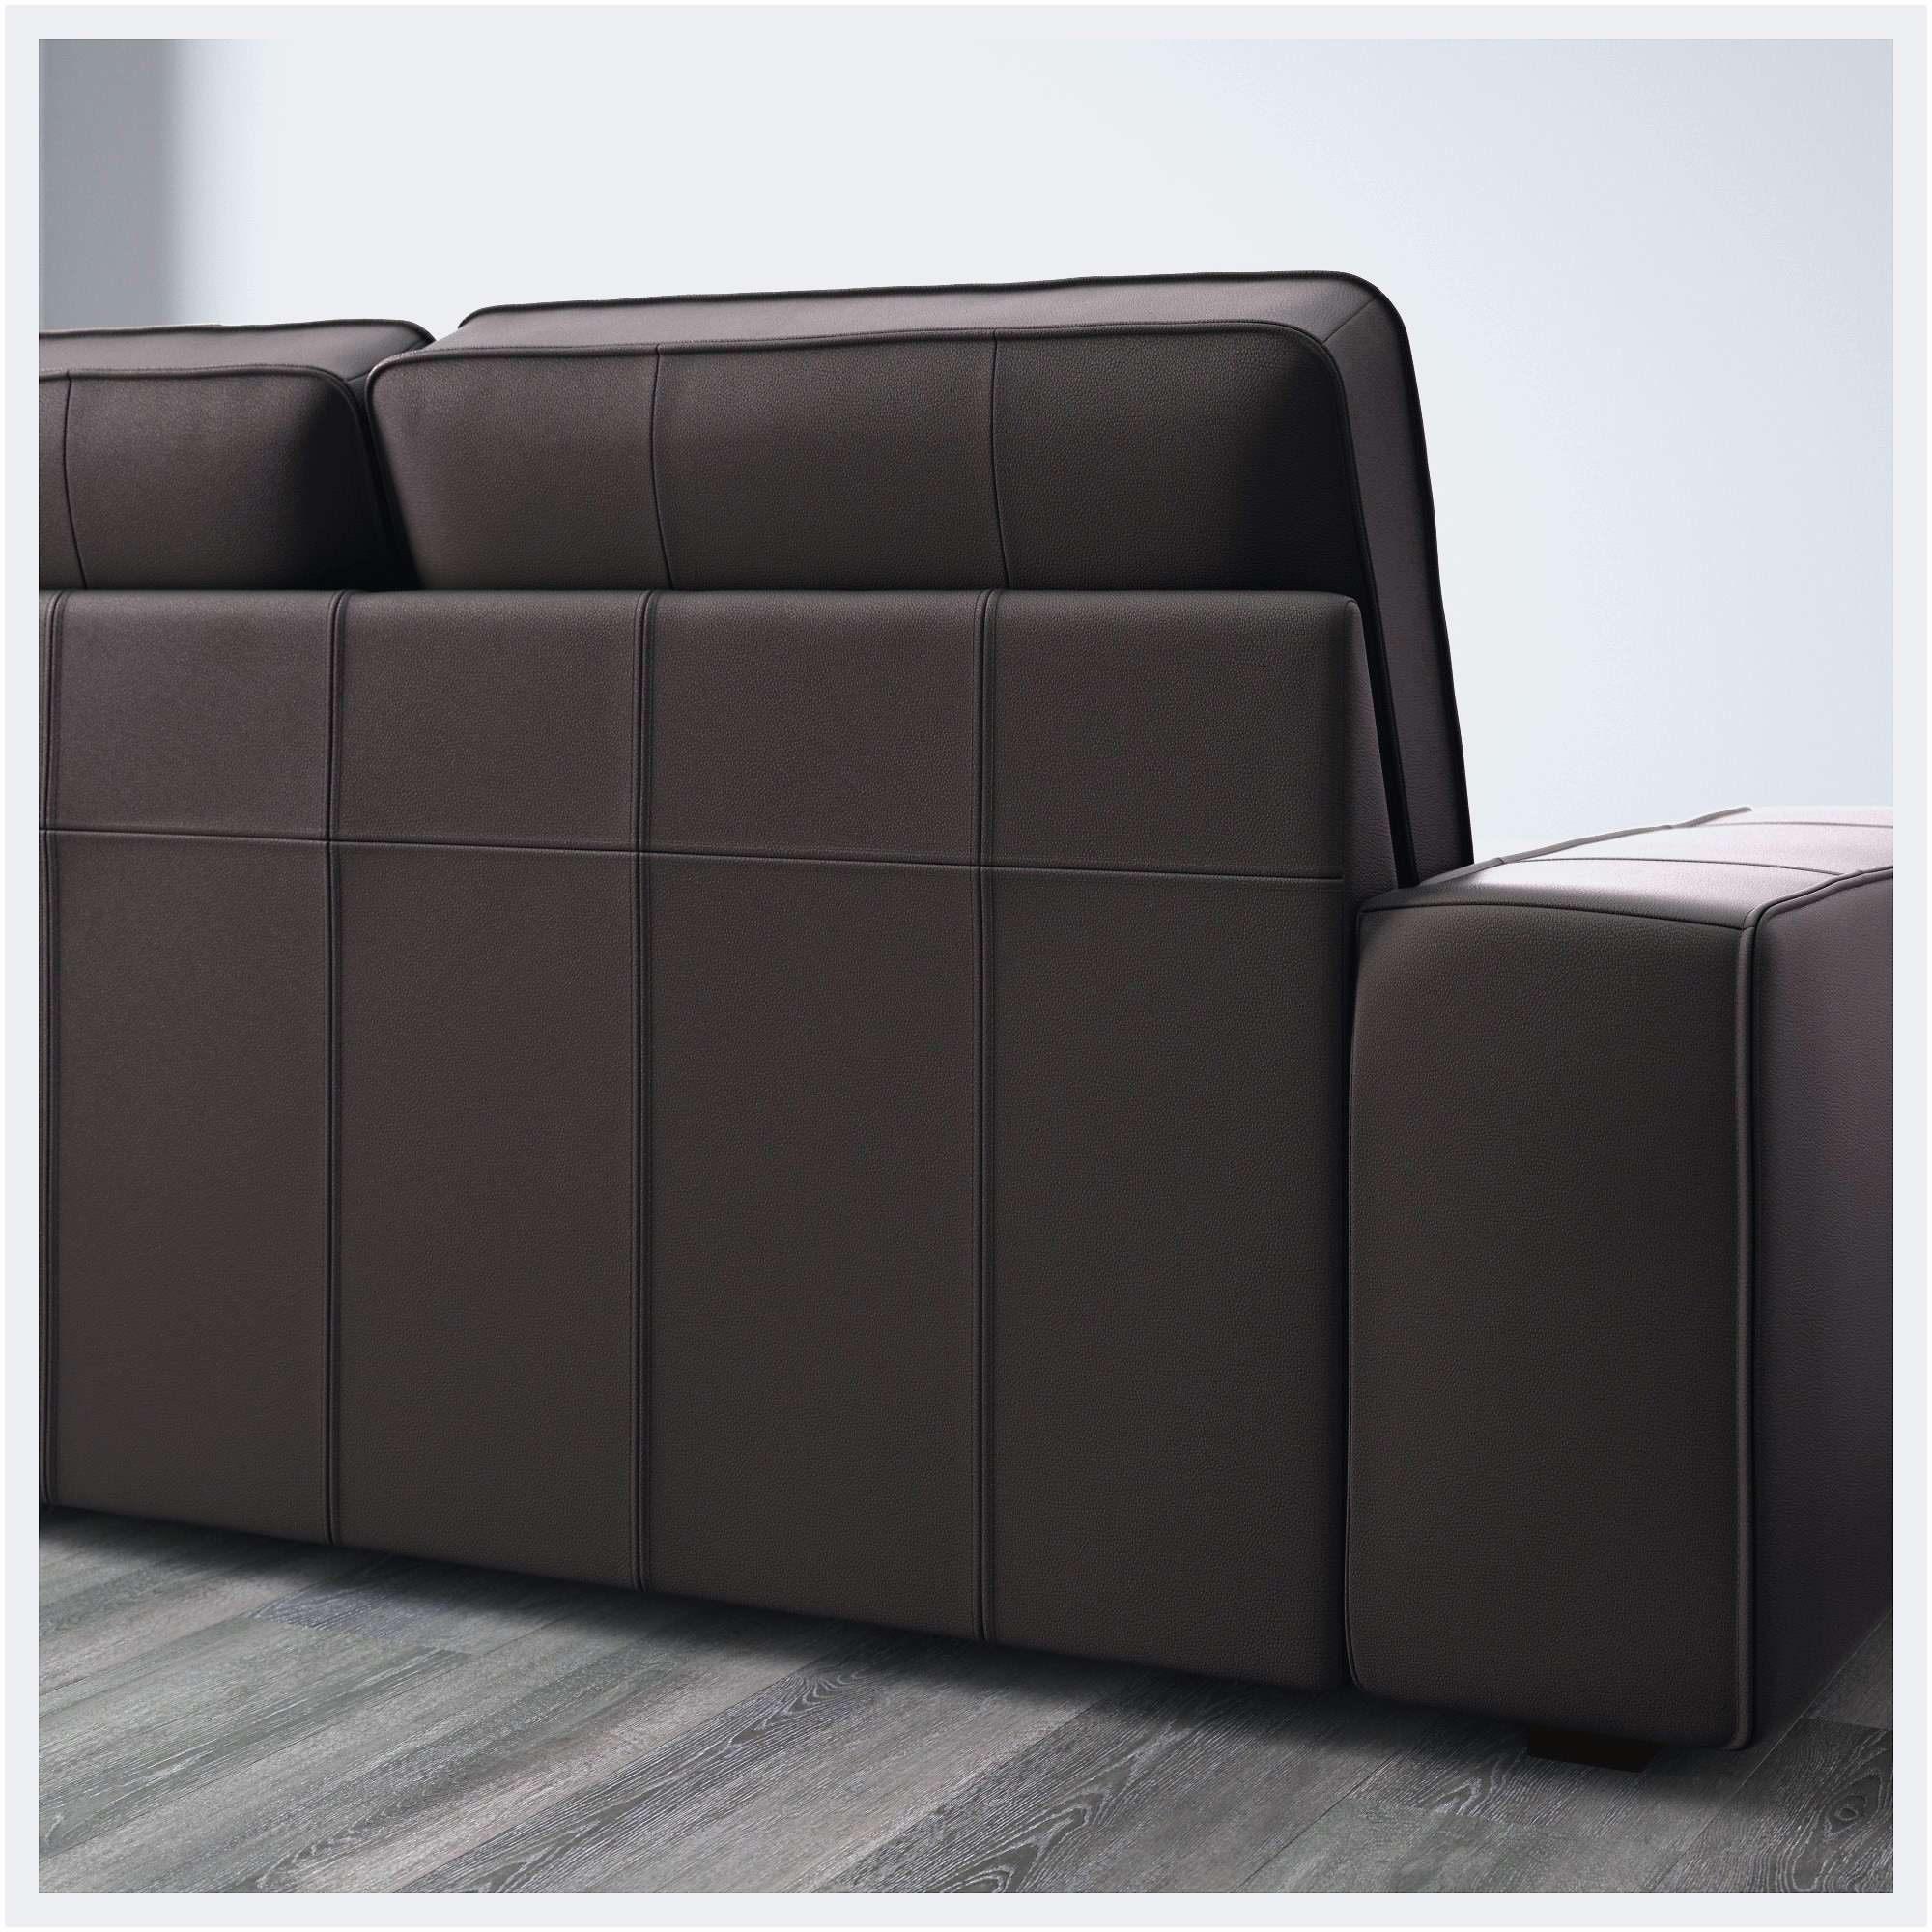 Canapé Lit En Cuir Charmant 60 Canapé Lit Gigogne Ikea Vue Jongor4hire